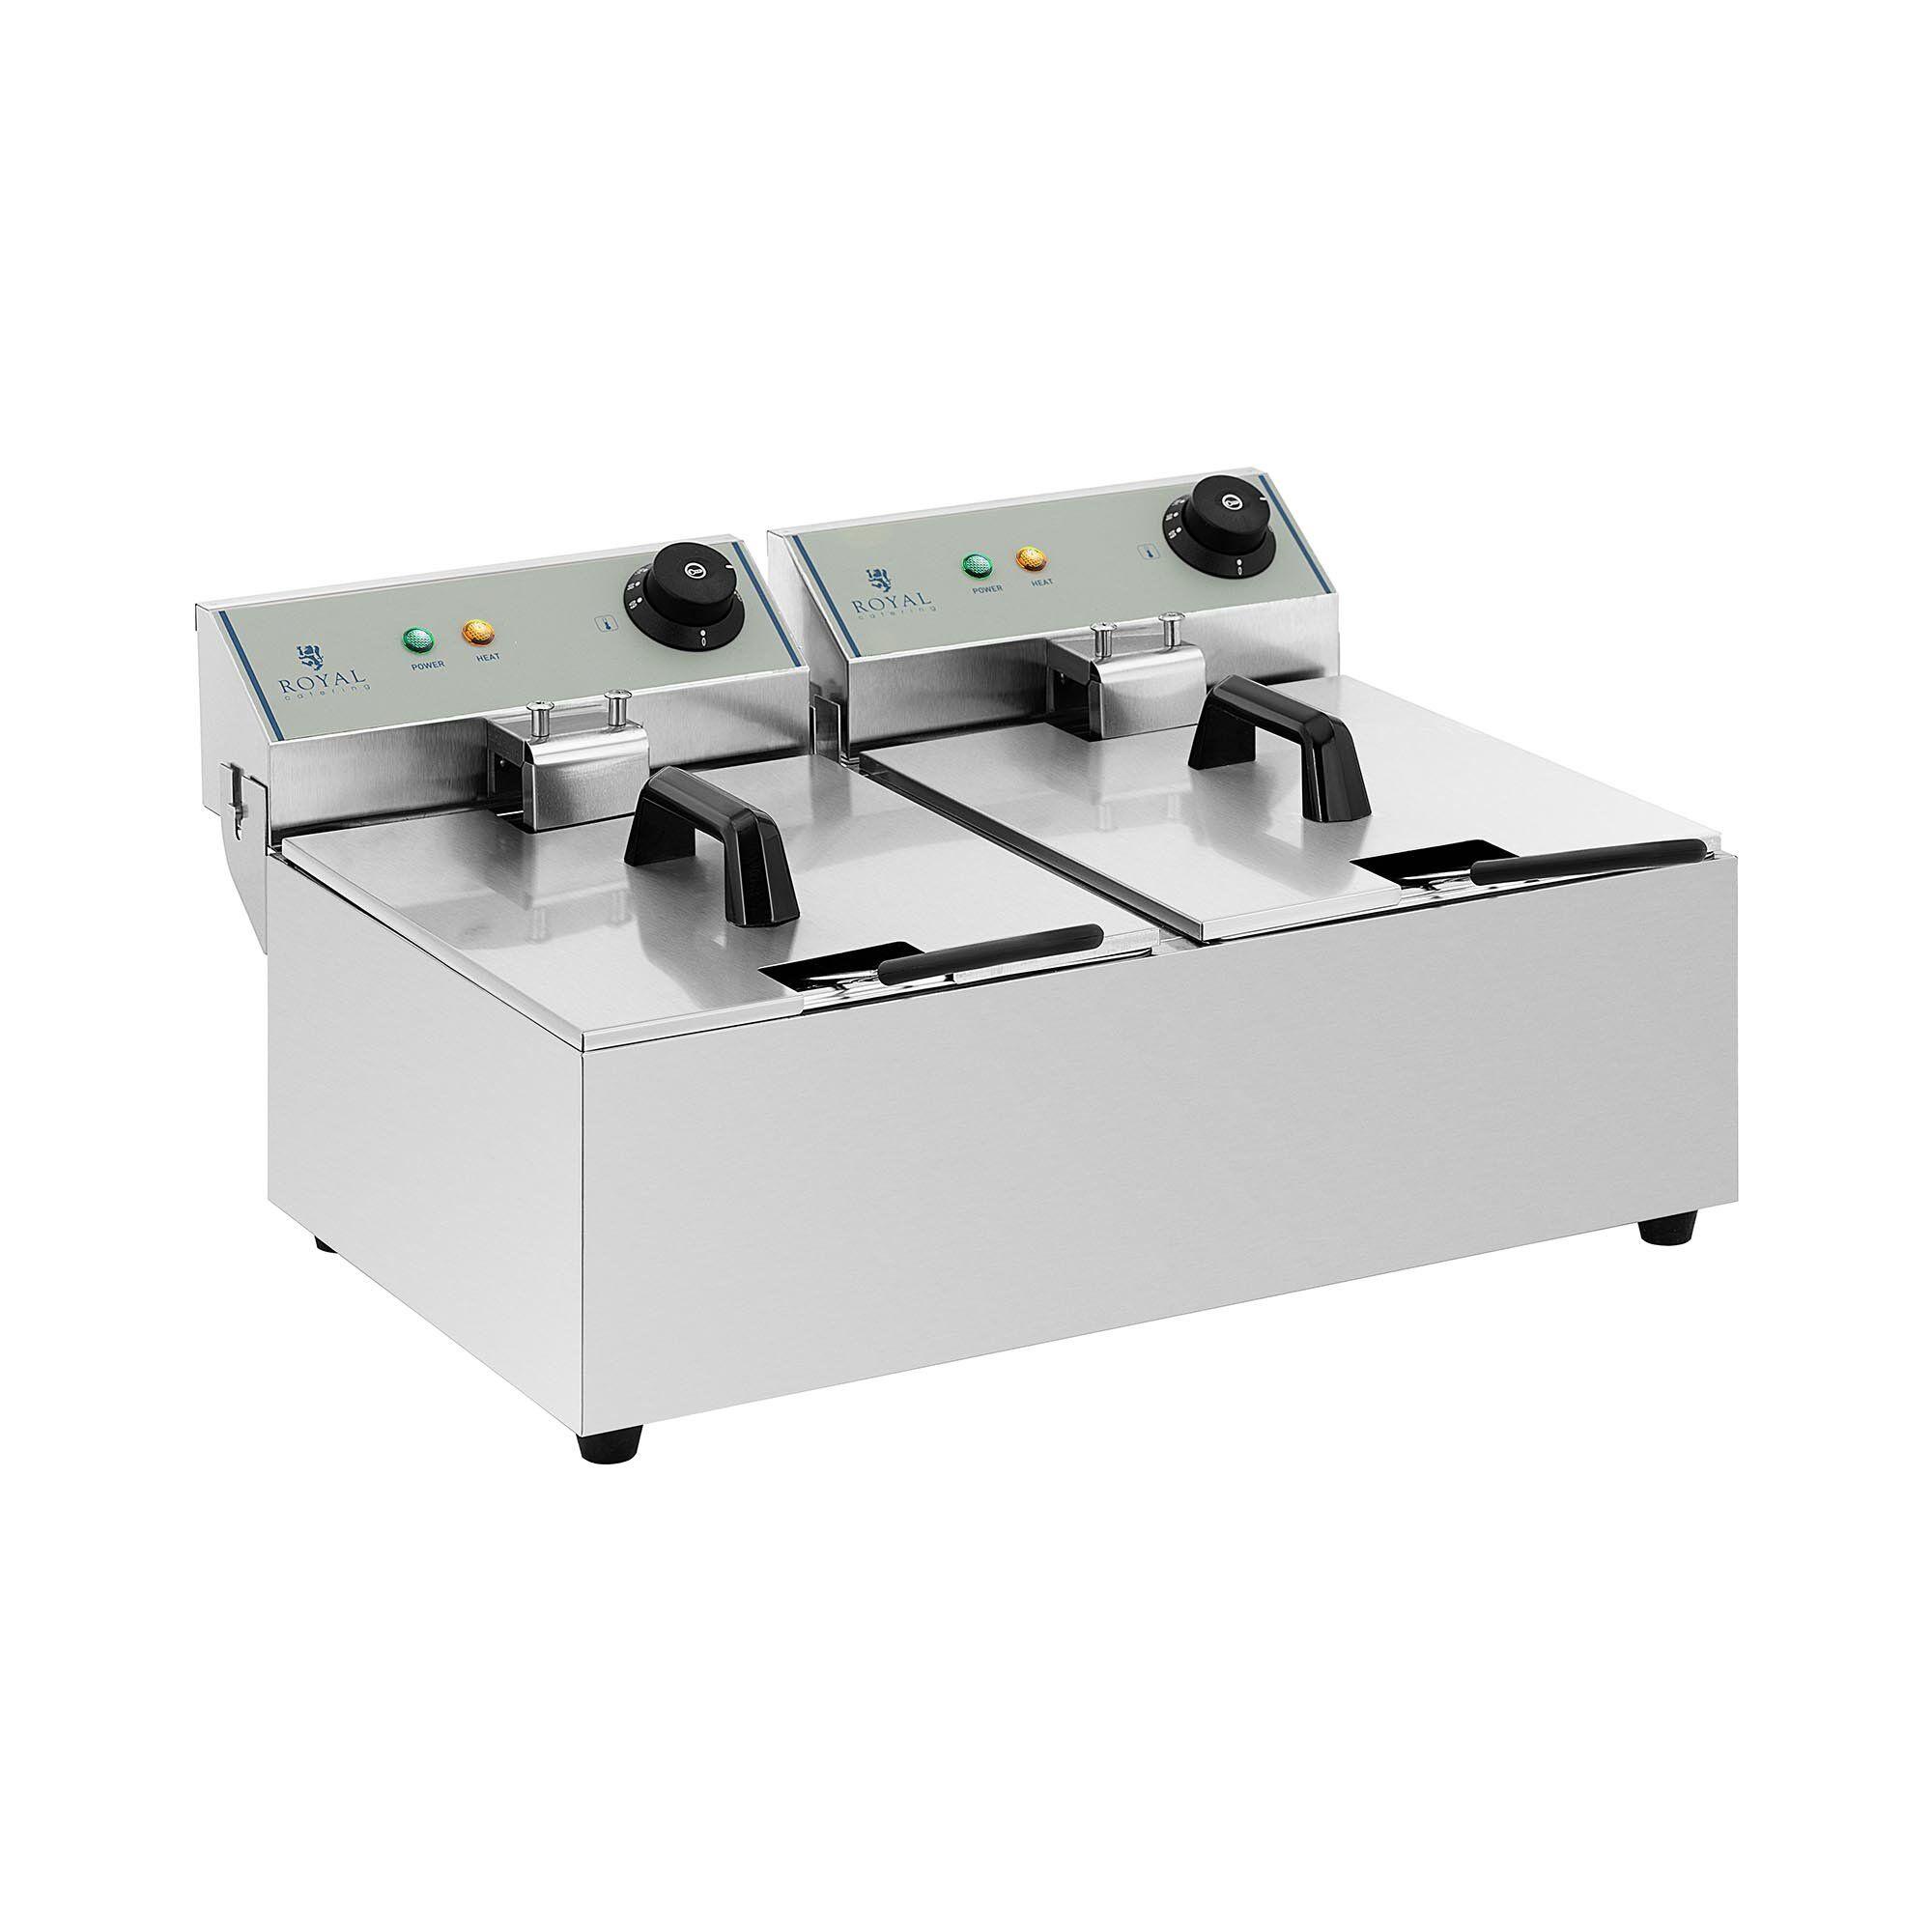 Royal Catering Friteuse électrique - 2 x 10 litres - ECO RCEF-10DY-ECO 2X10